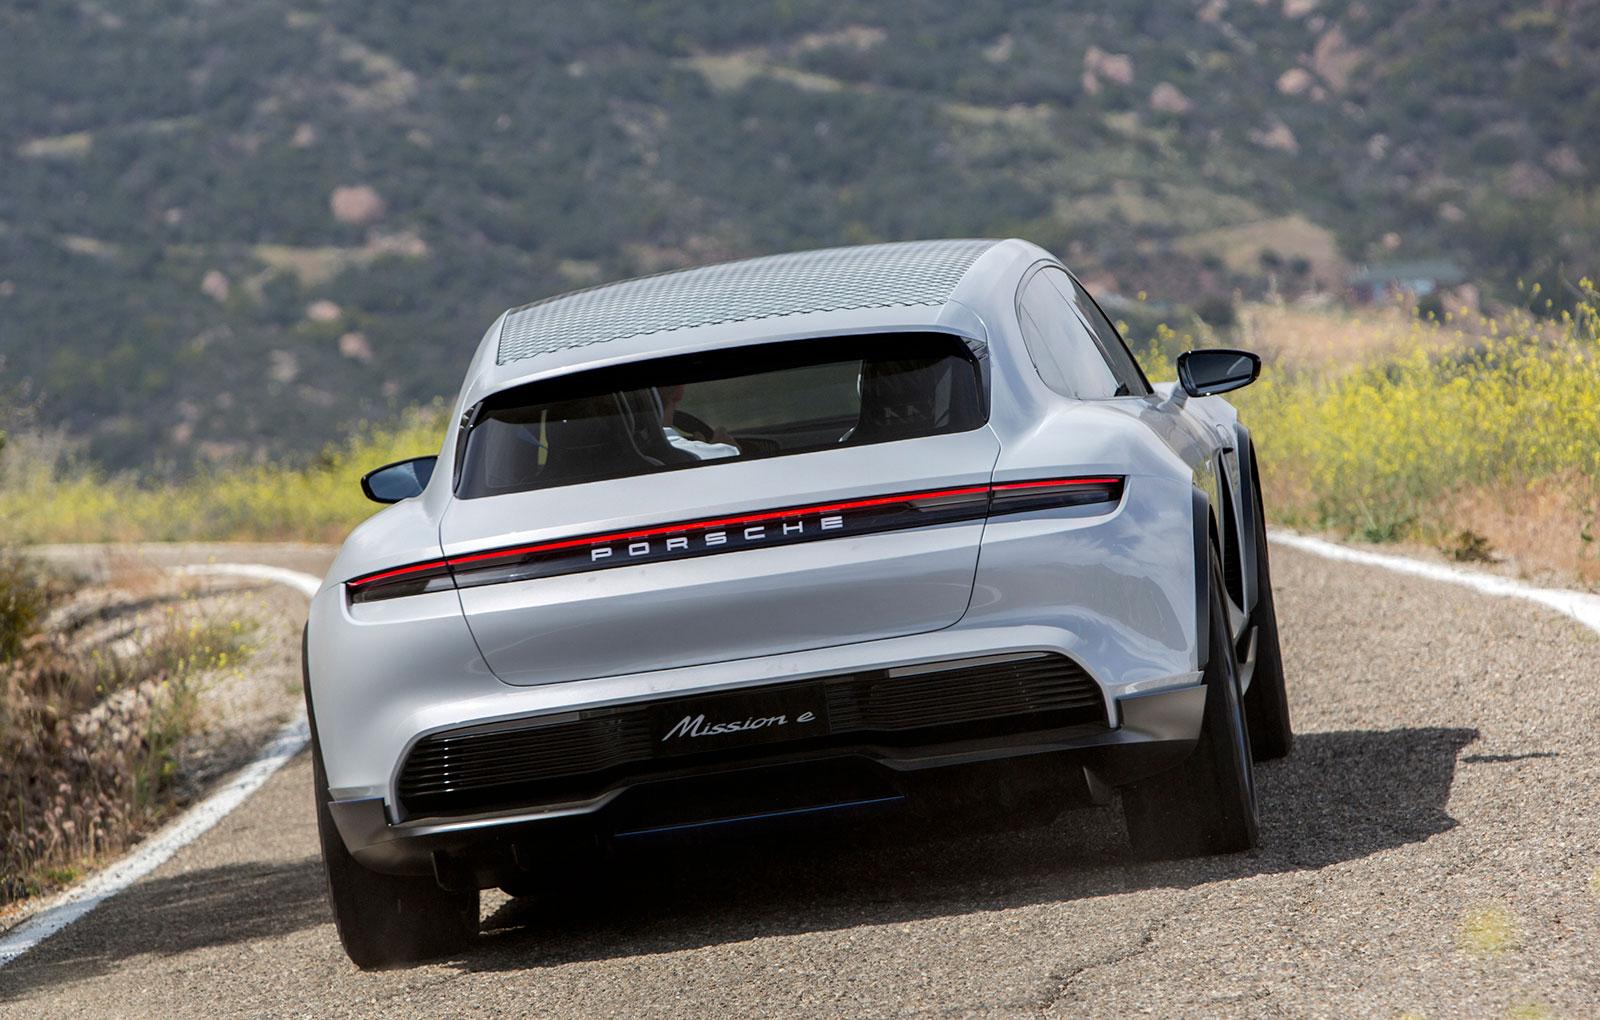 Porsche-Mission-E-Cross-Turismo2 Porsche Mission E Cross Turismo va primi o versiune de serie